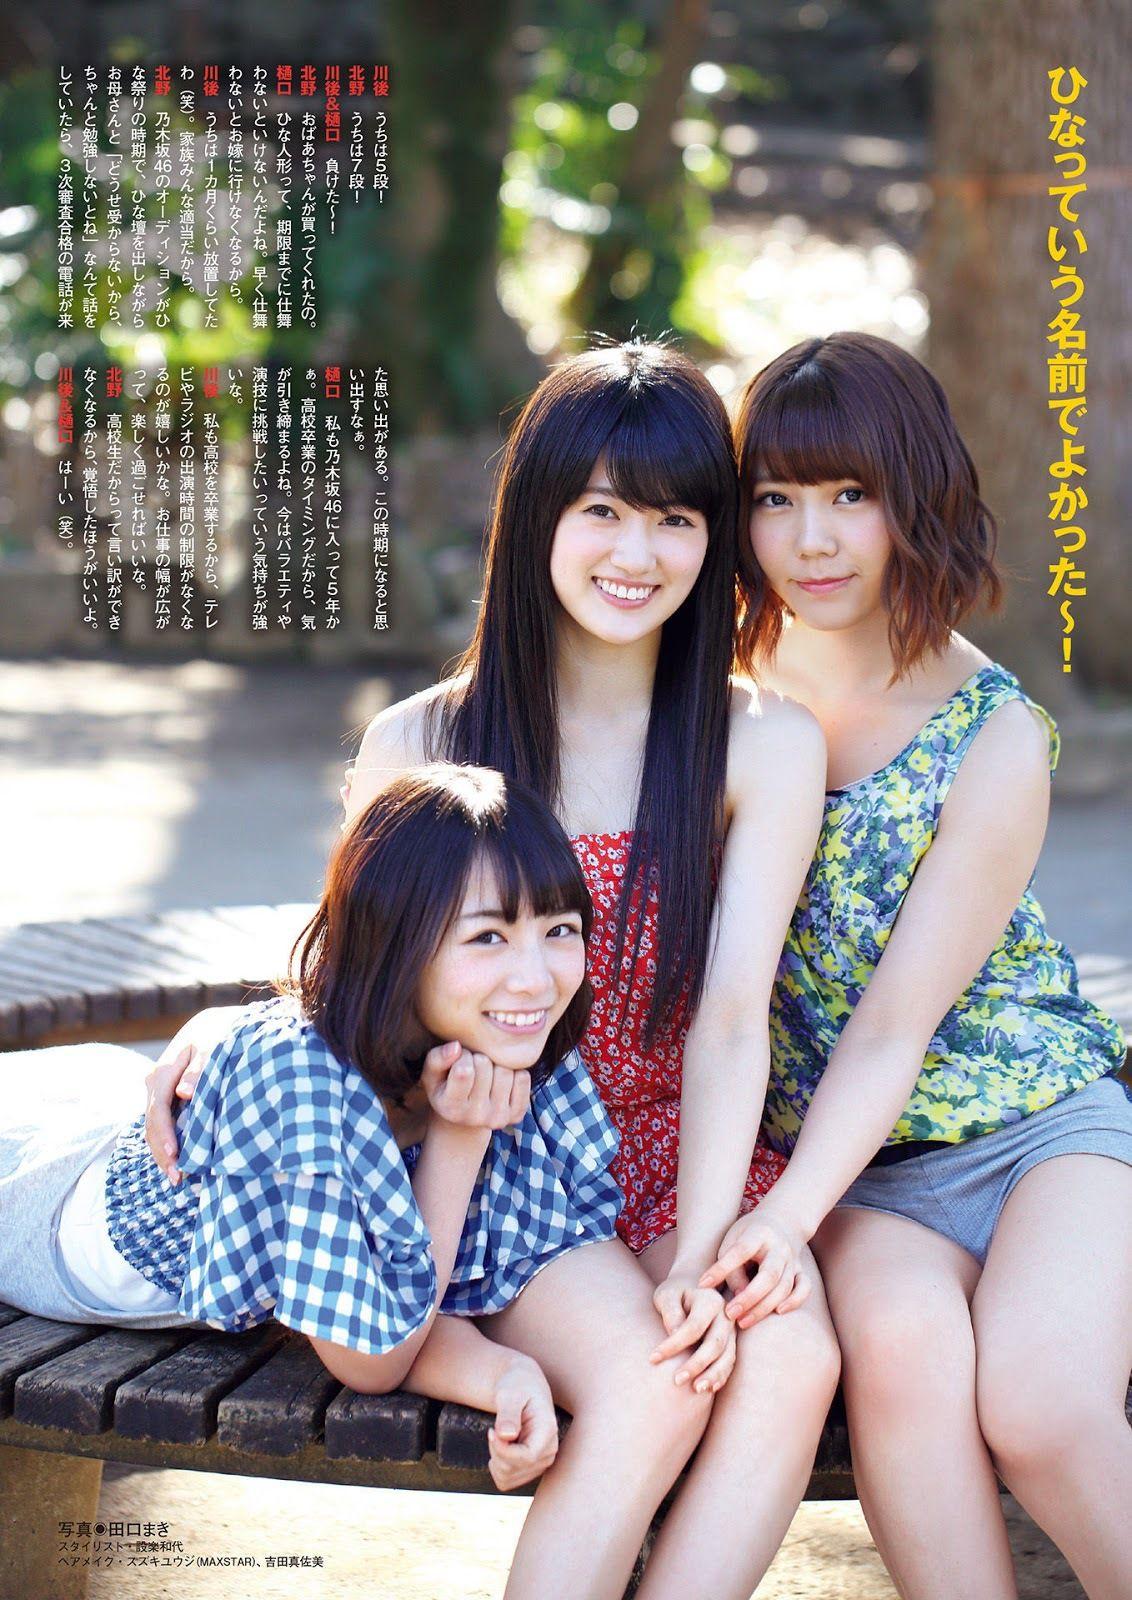 北野日奈子さんの画像その51